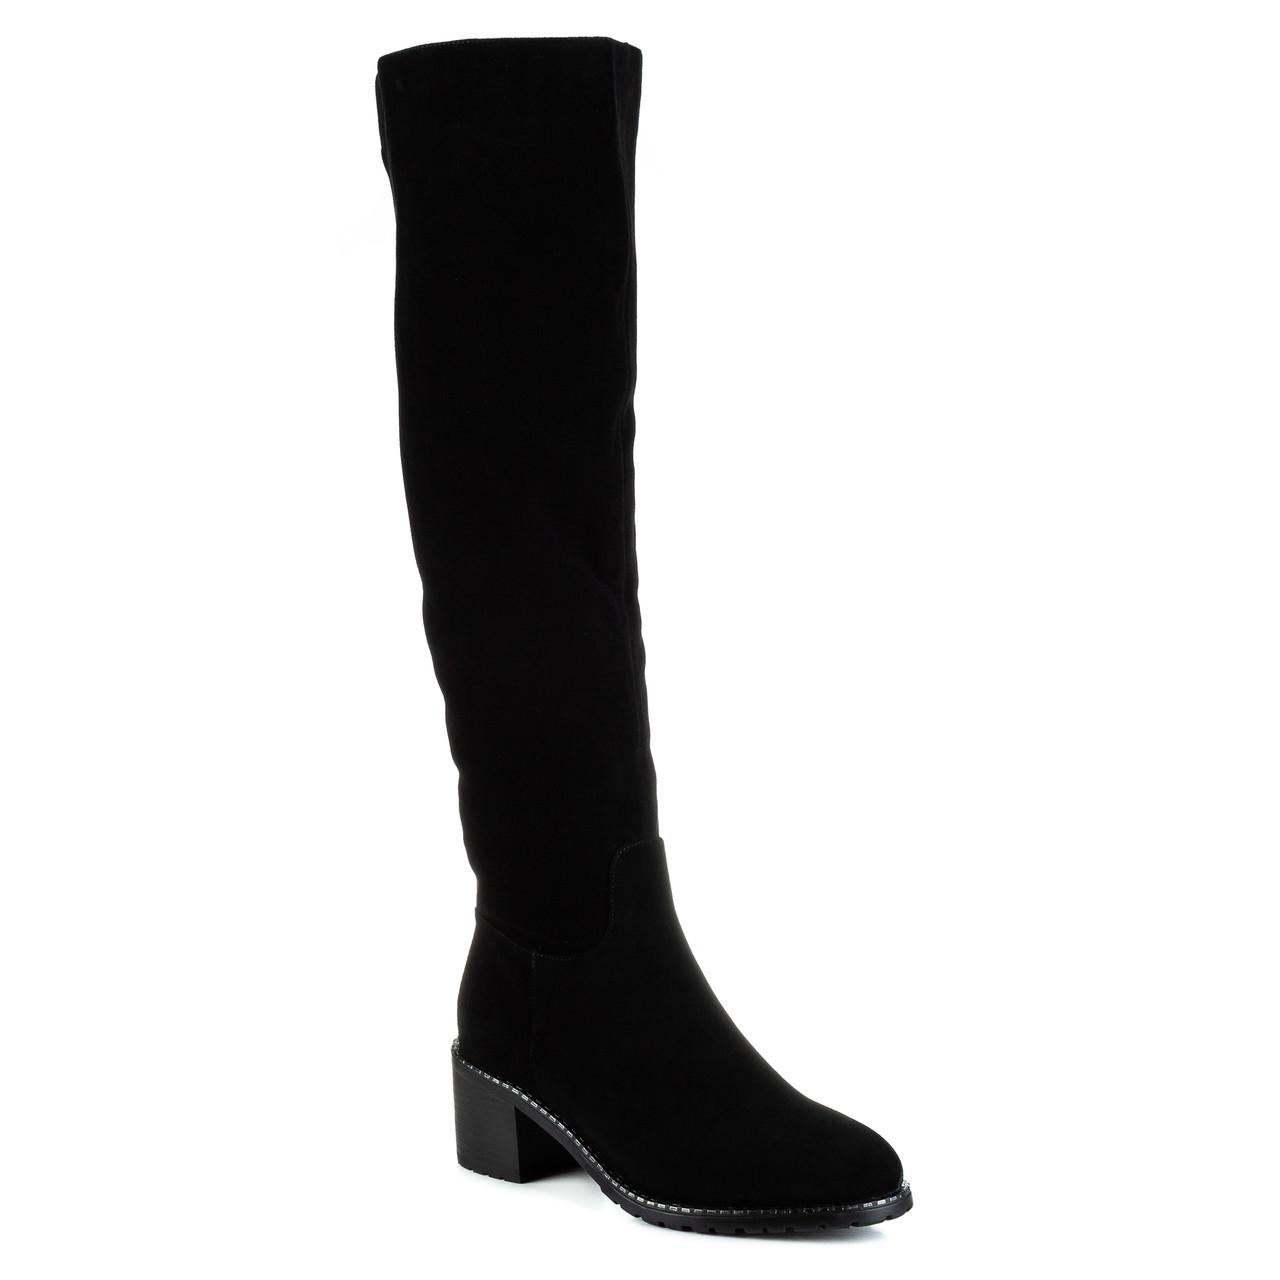 Ботфорты женские BROCOLI (черные, замшевые, лаконичный дизайн, удобные)